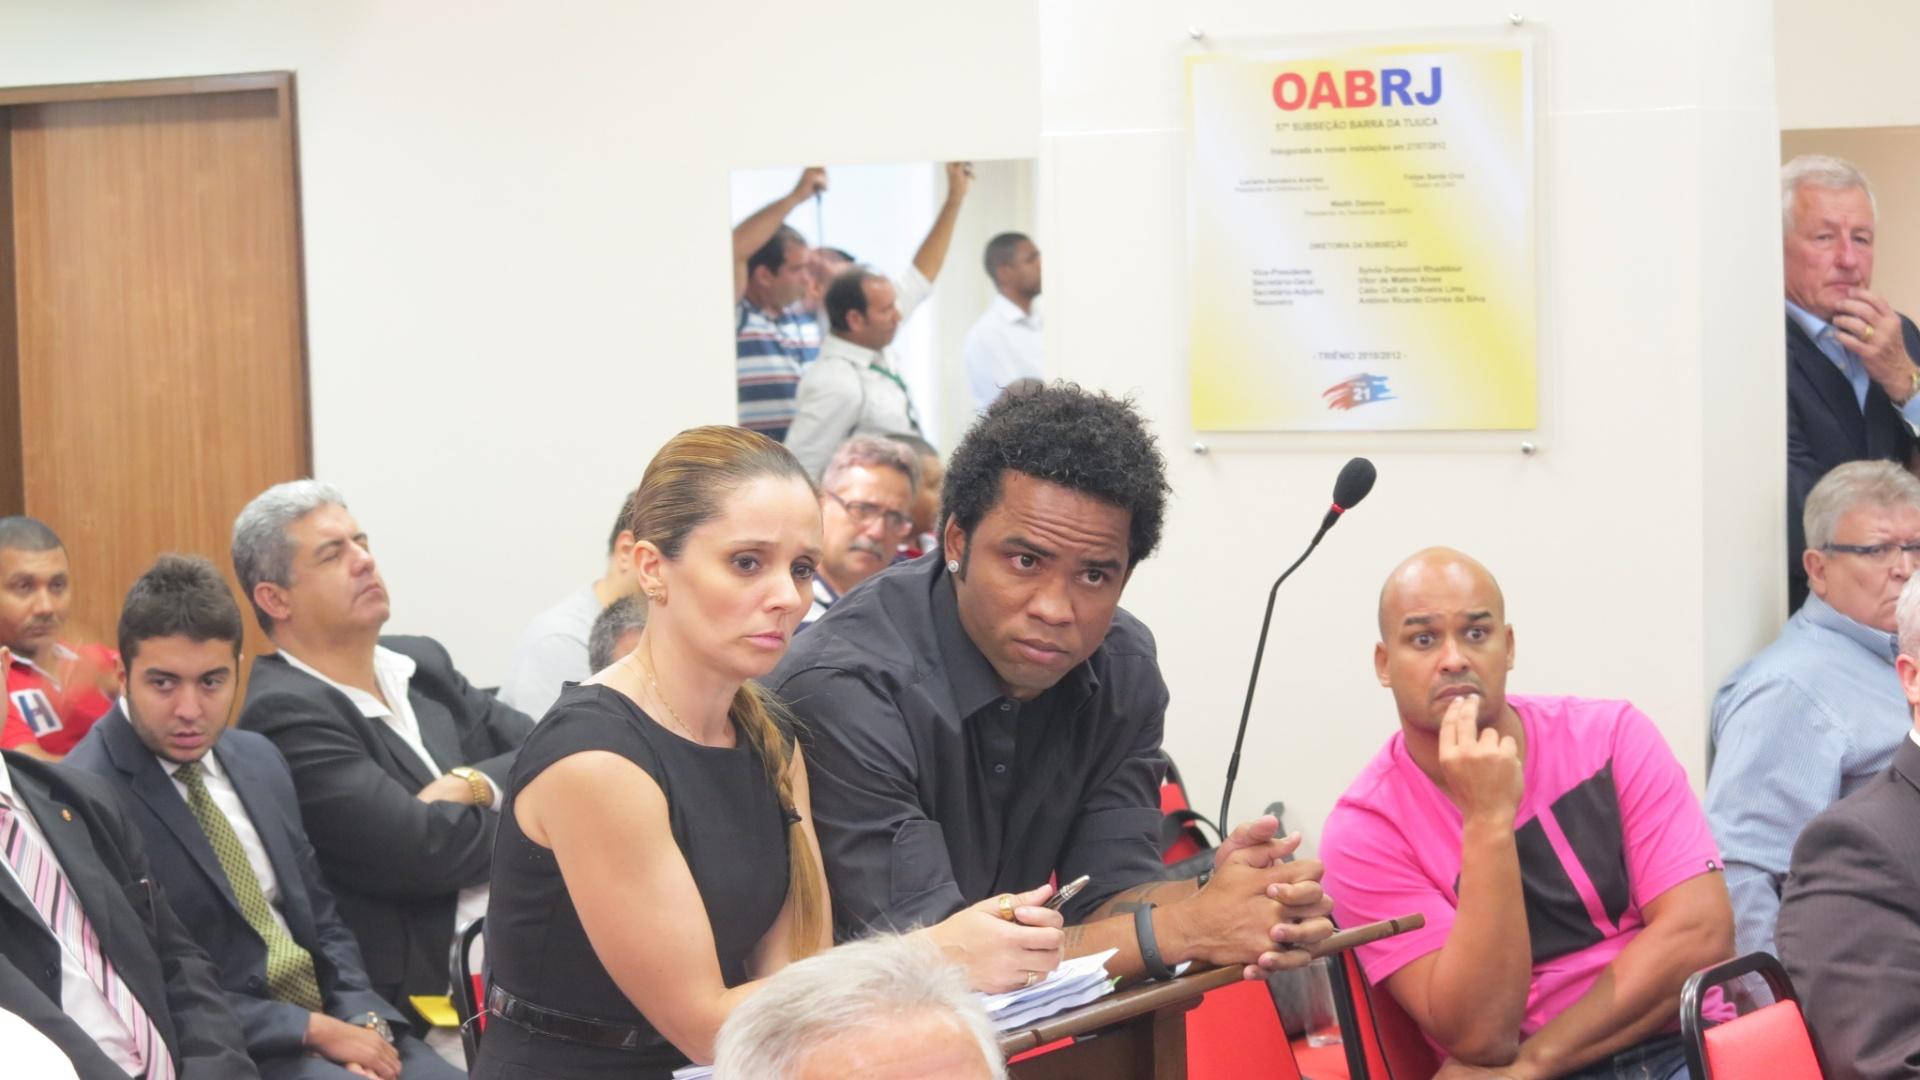 Carlos Alberto em julgamento nesta quarta-feira em caso do doping